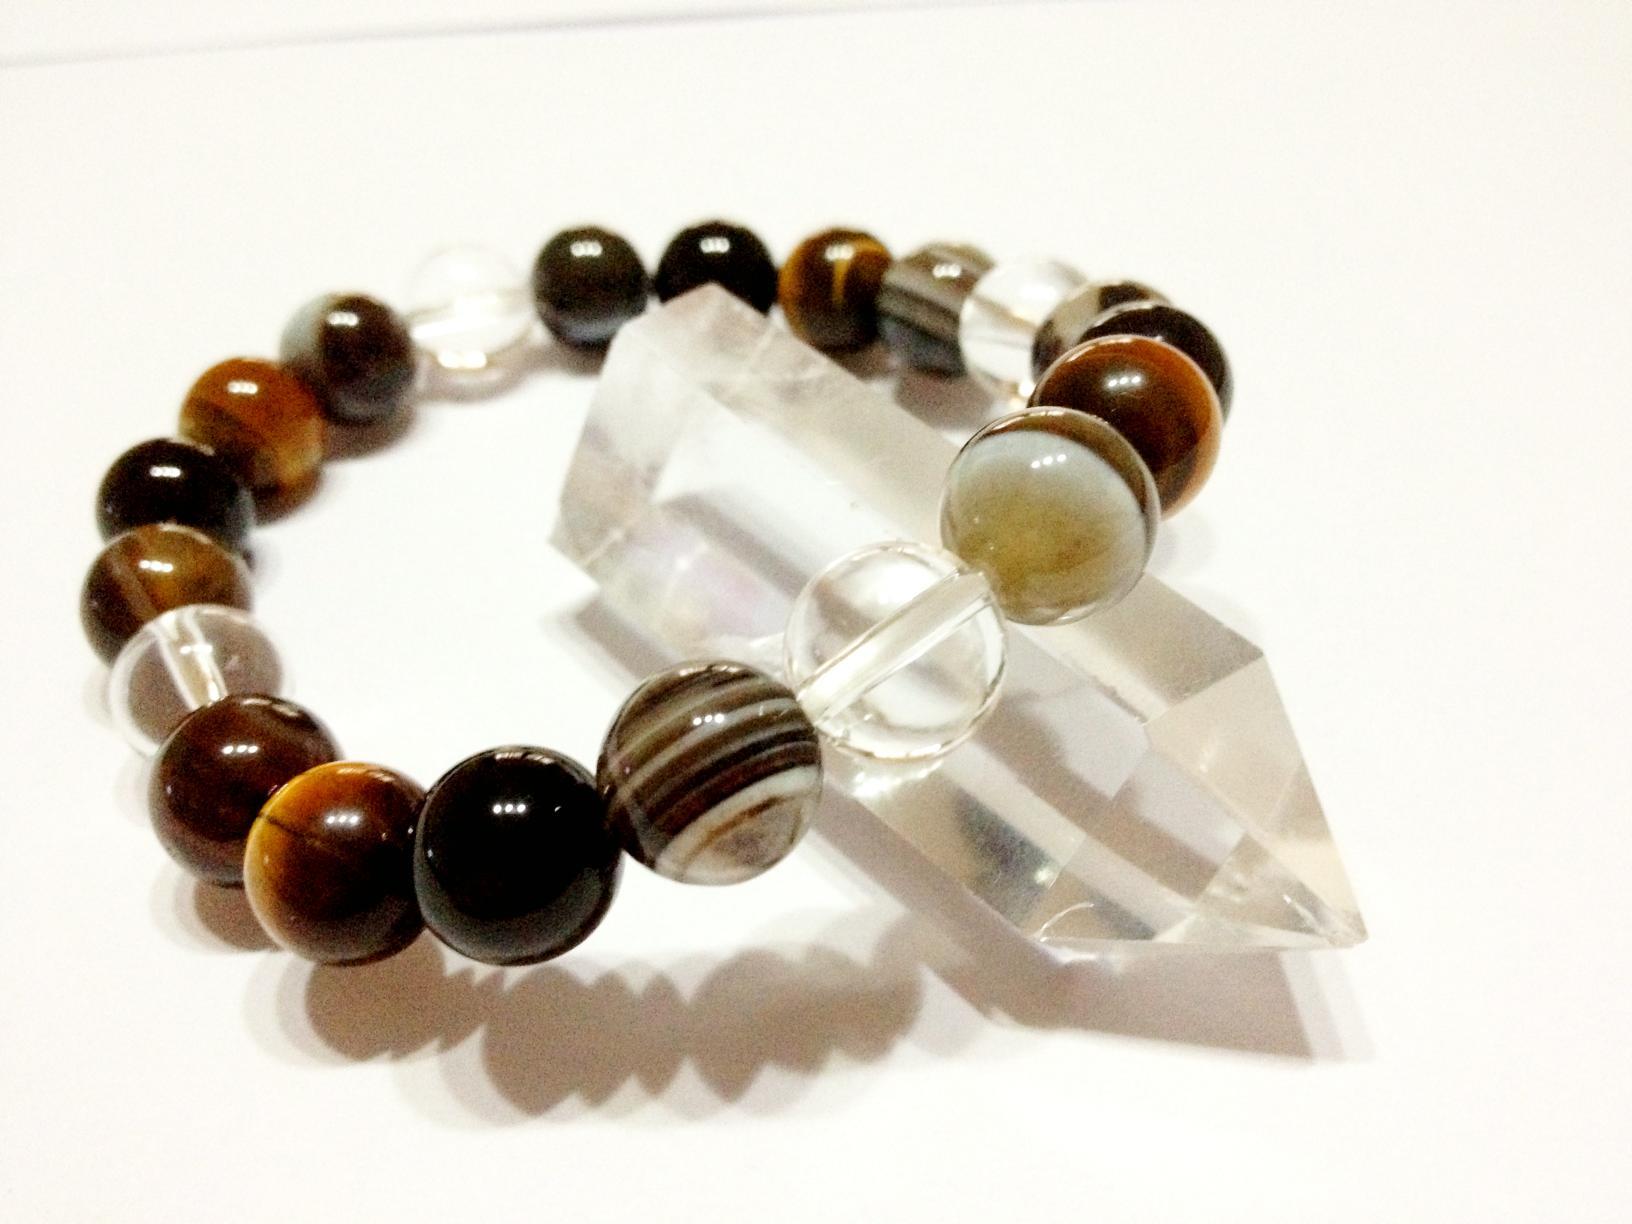 天眼石 × タイガーアイ × オニキス × クリスタル水晶 10mm パワーストーン 天然石 ブレスレット C-1